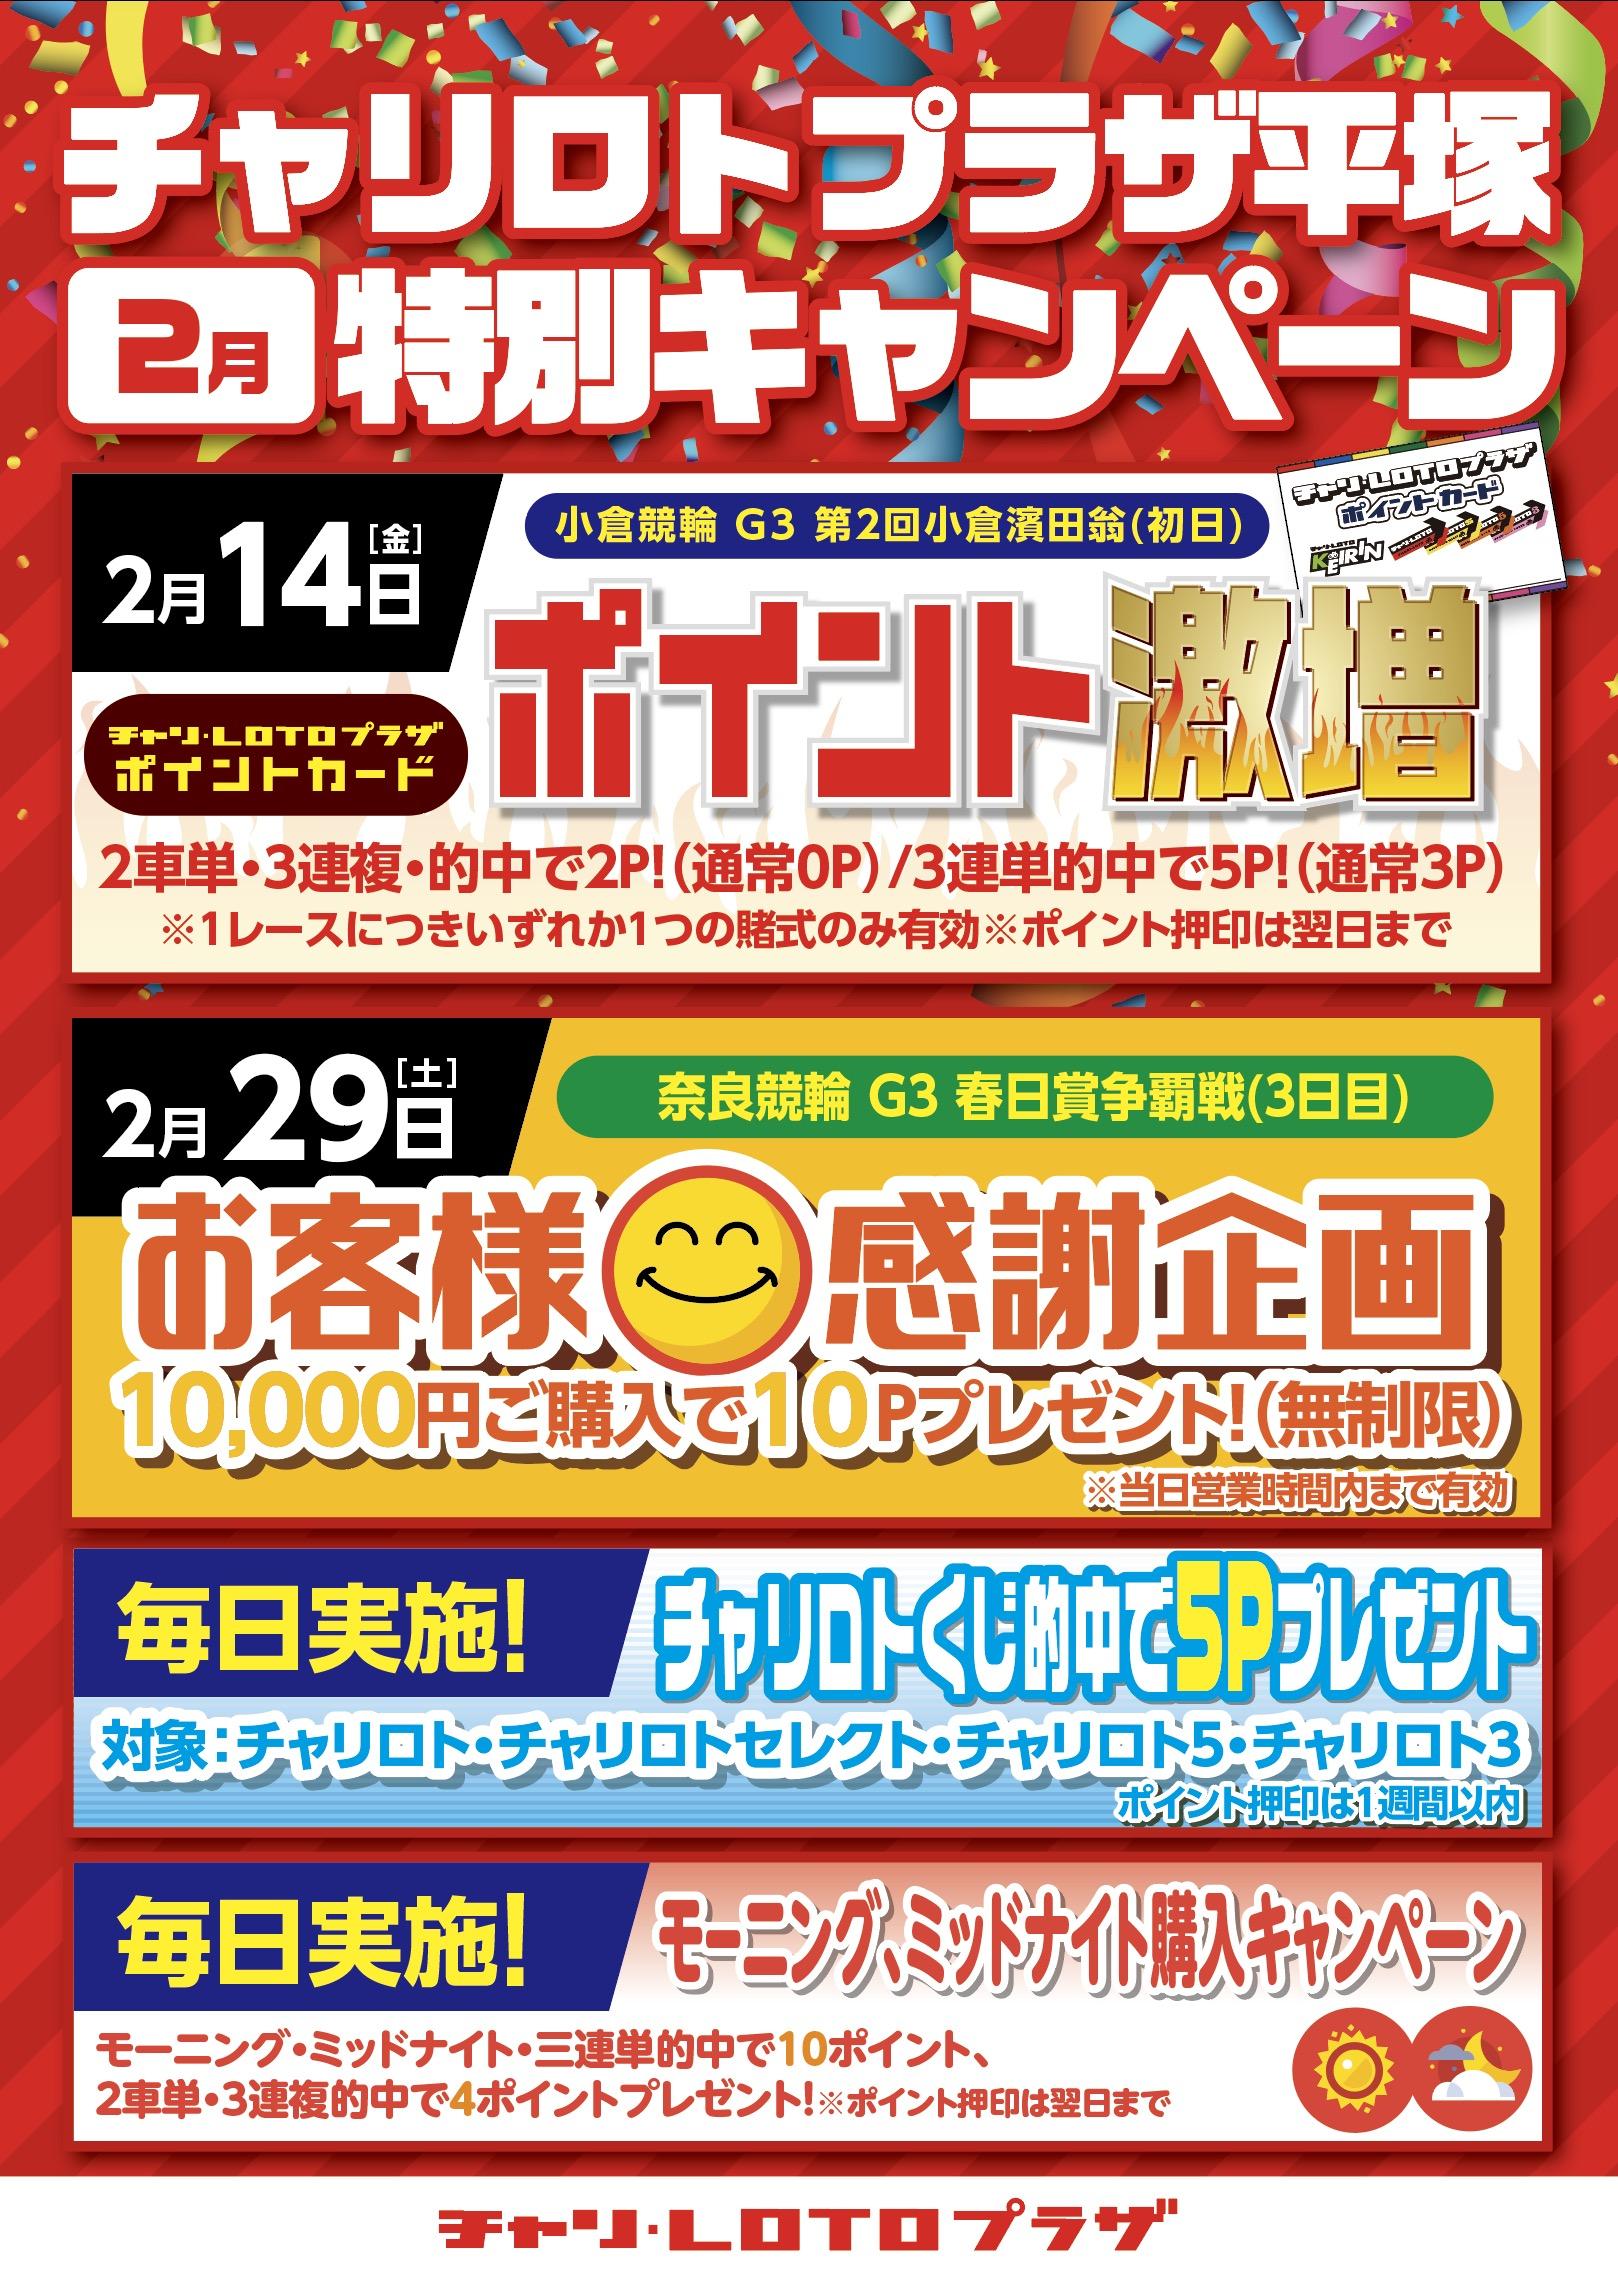 【平塚】モーニング・ミッドナイト月間特別CP(2月)